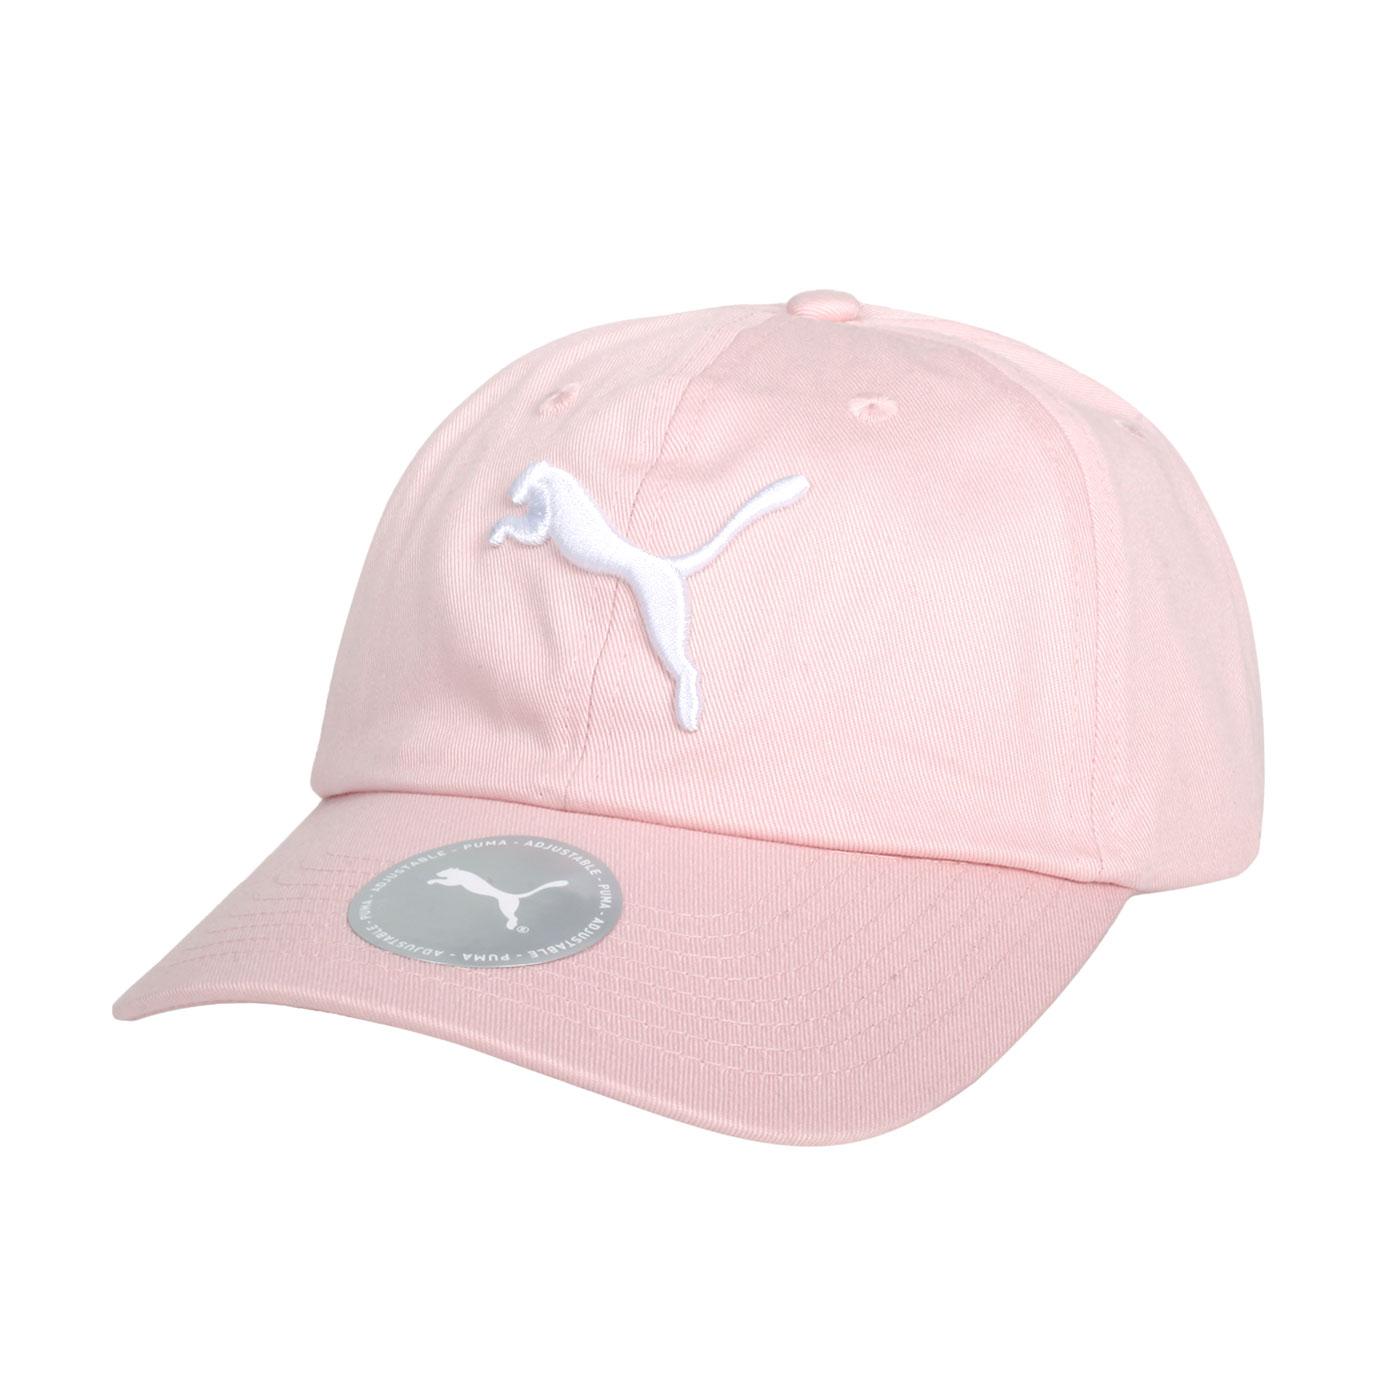 PUMA 基本系列棒球帽 02241665 - 粉白